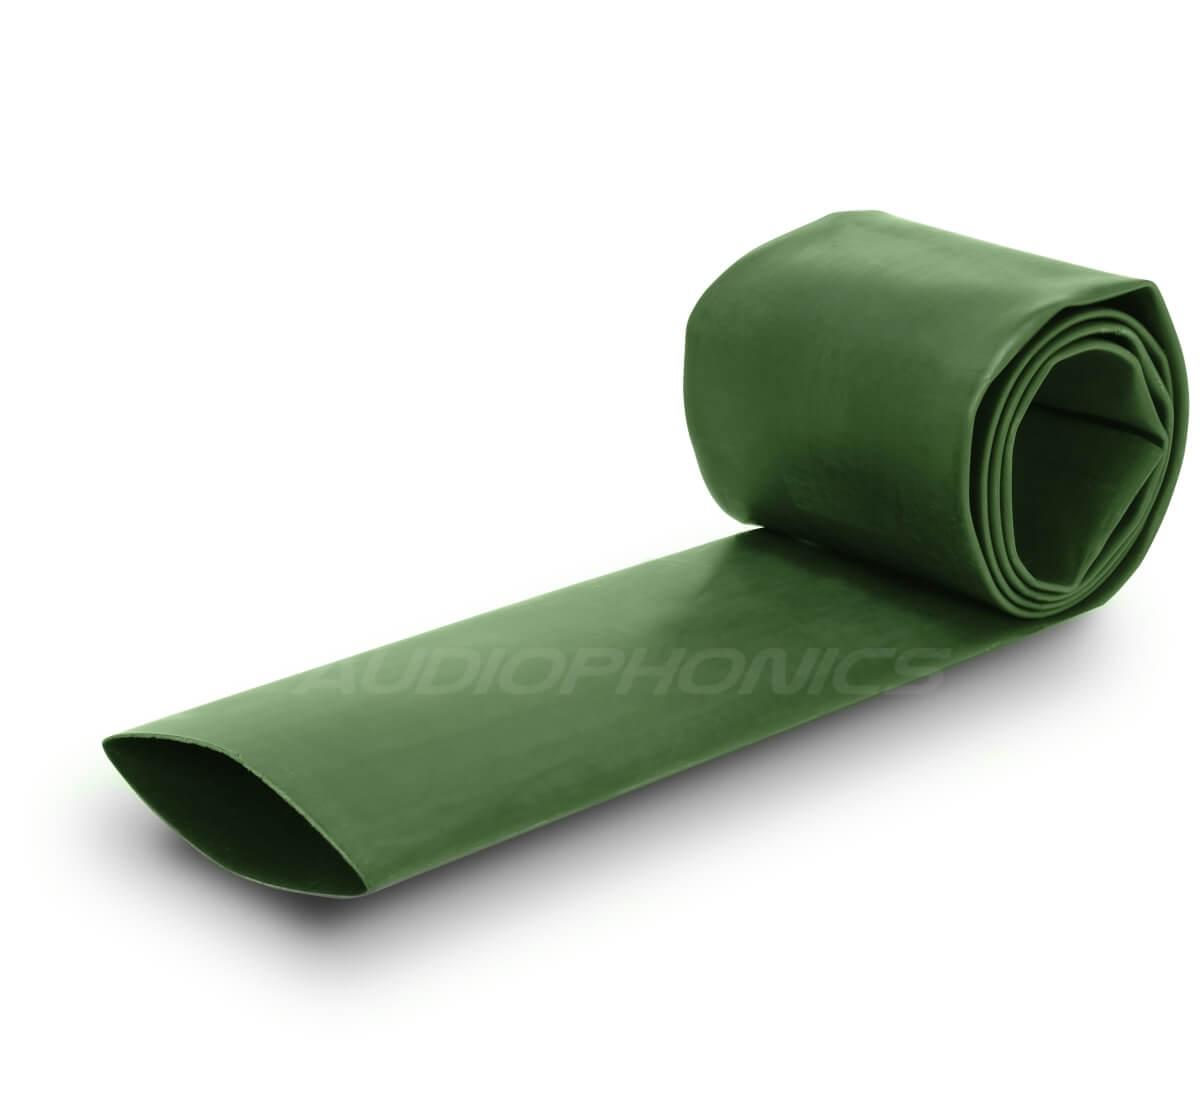 Heat-shrink tubing 2:1 Ø5mm Green (1m)